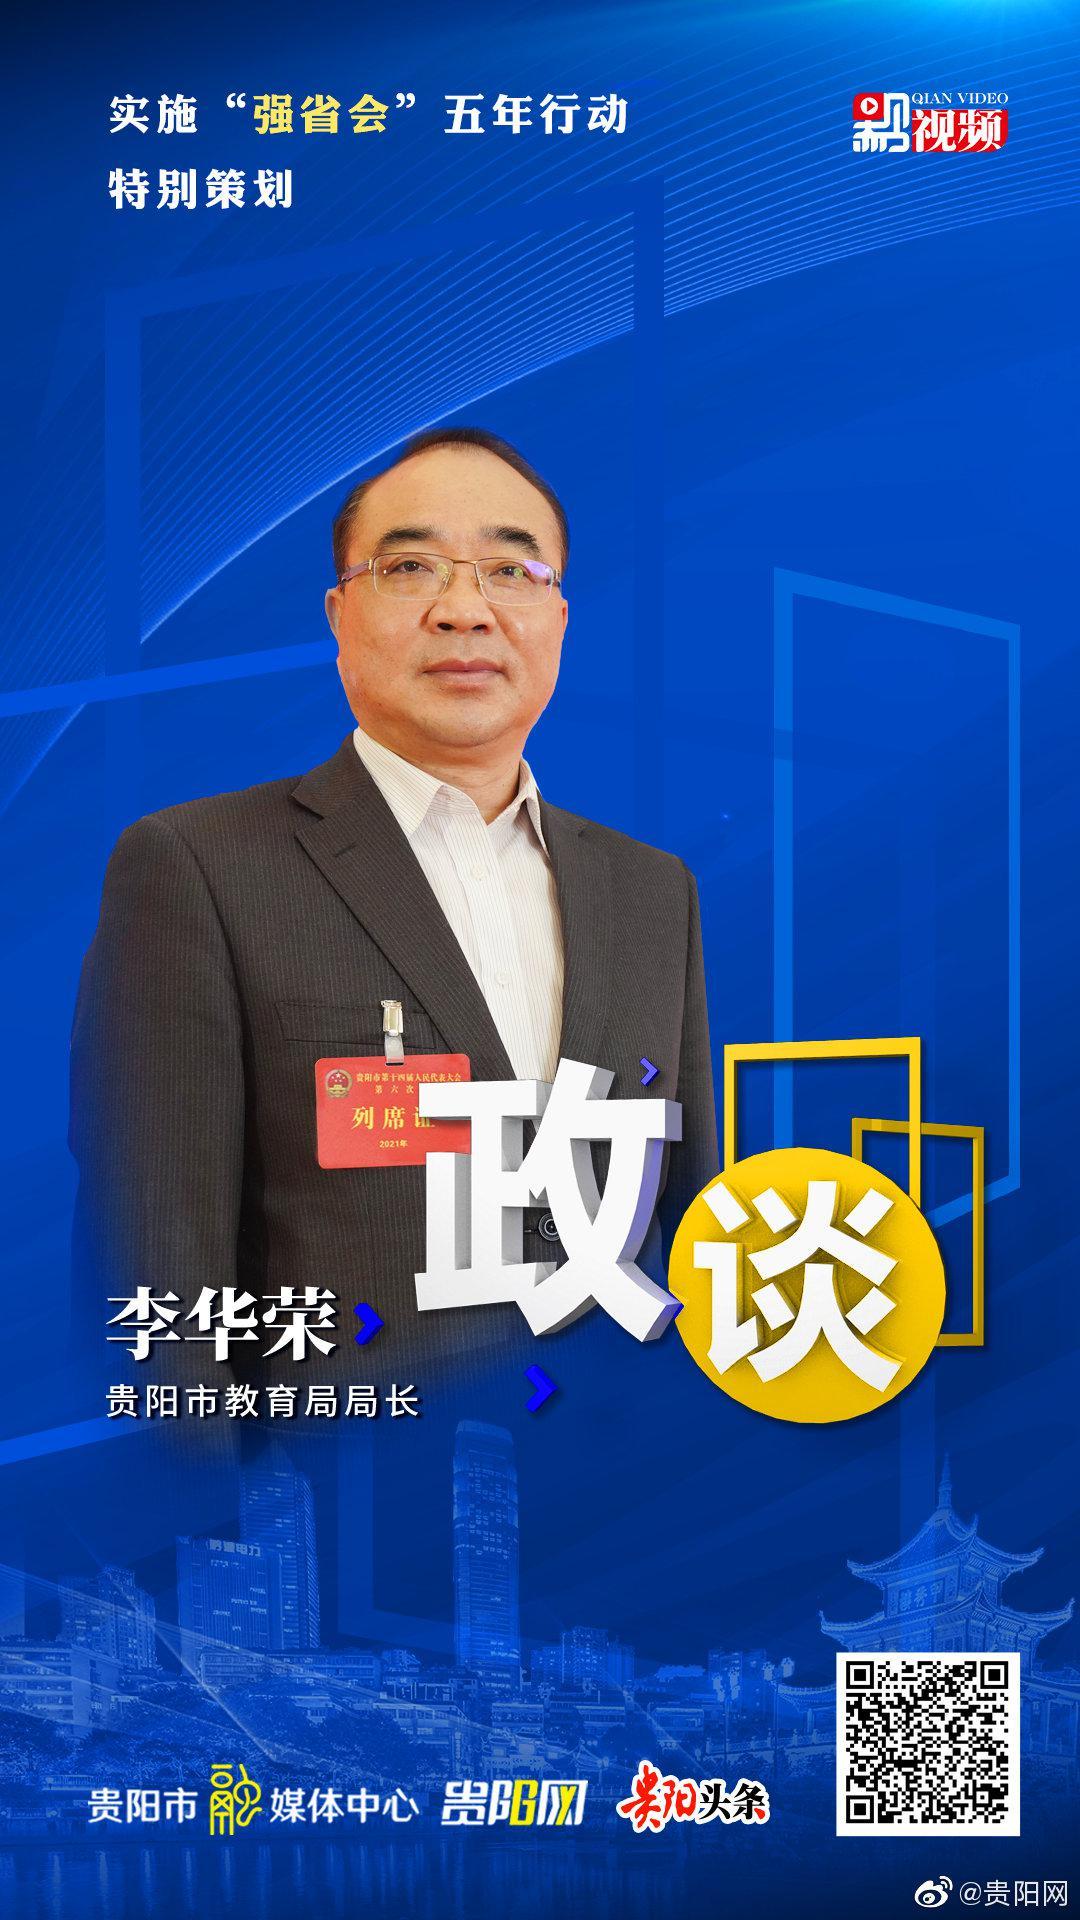 政谈:贵阳市教育局局长李华荣直面问题描绘教育未来